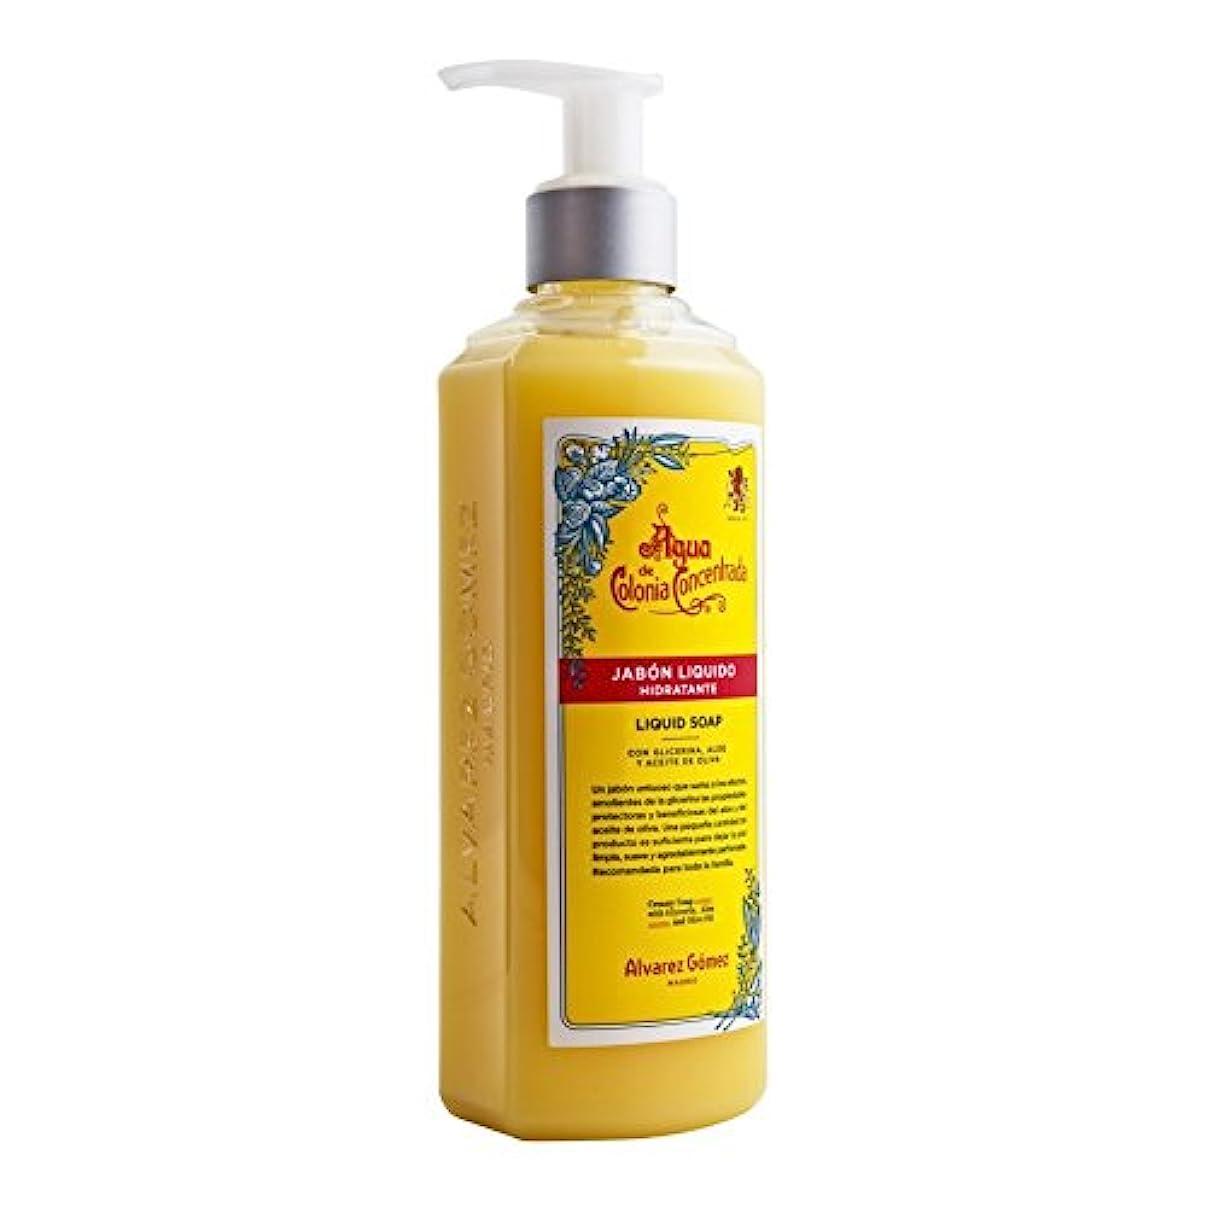 フィルタホステス森?lvarez G?mez Agua de Colonia Concentrada Liquid Soap 300ml - アルバレスゴメスアグアデコロニ液体石鹸300ミリリットル [並行輸入品]